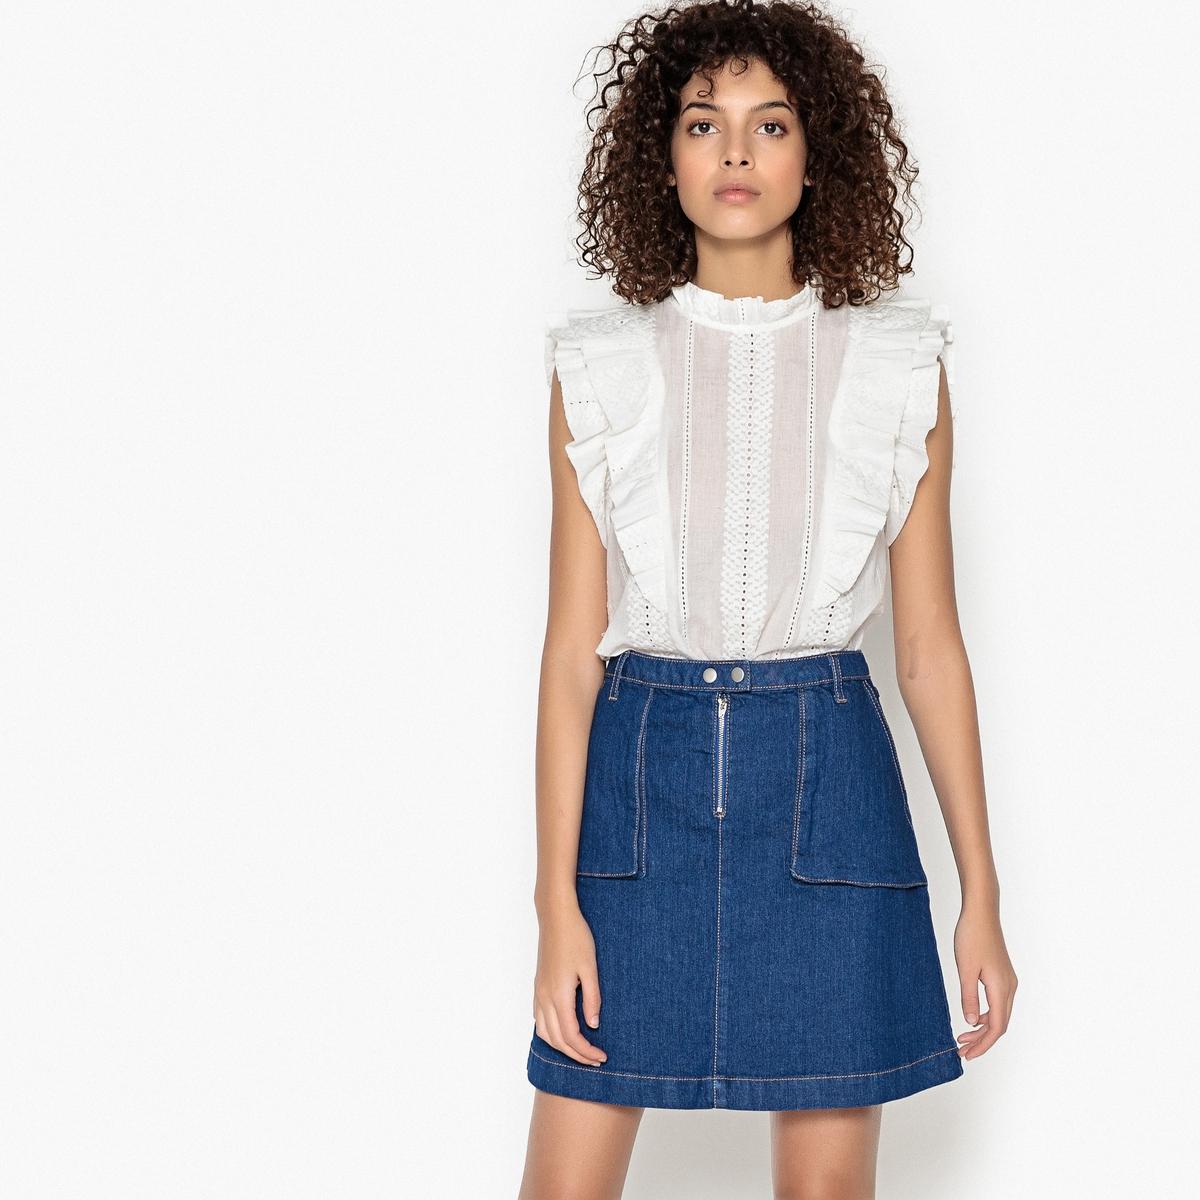 Блузка однотонная с круглым вырезом, без рукавов блузка однотонная с круглым вырезом без рукавов